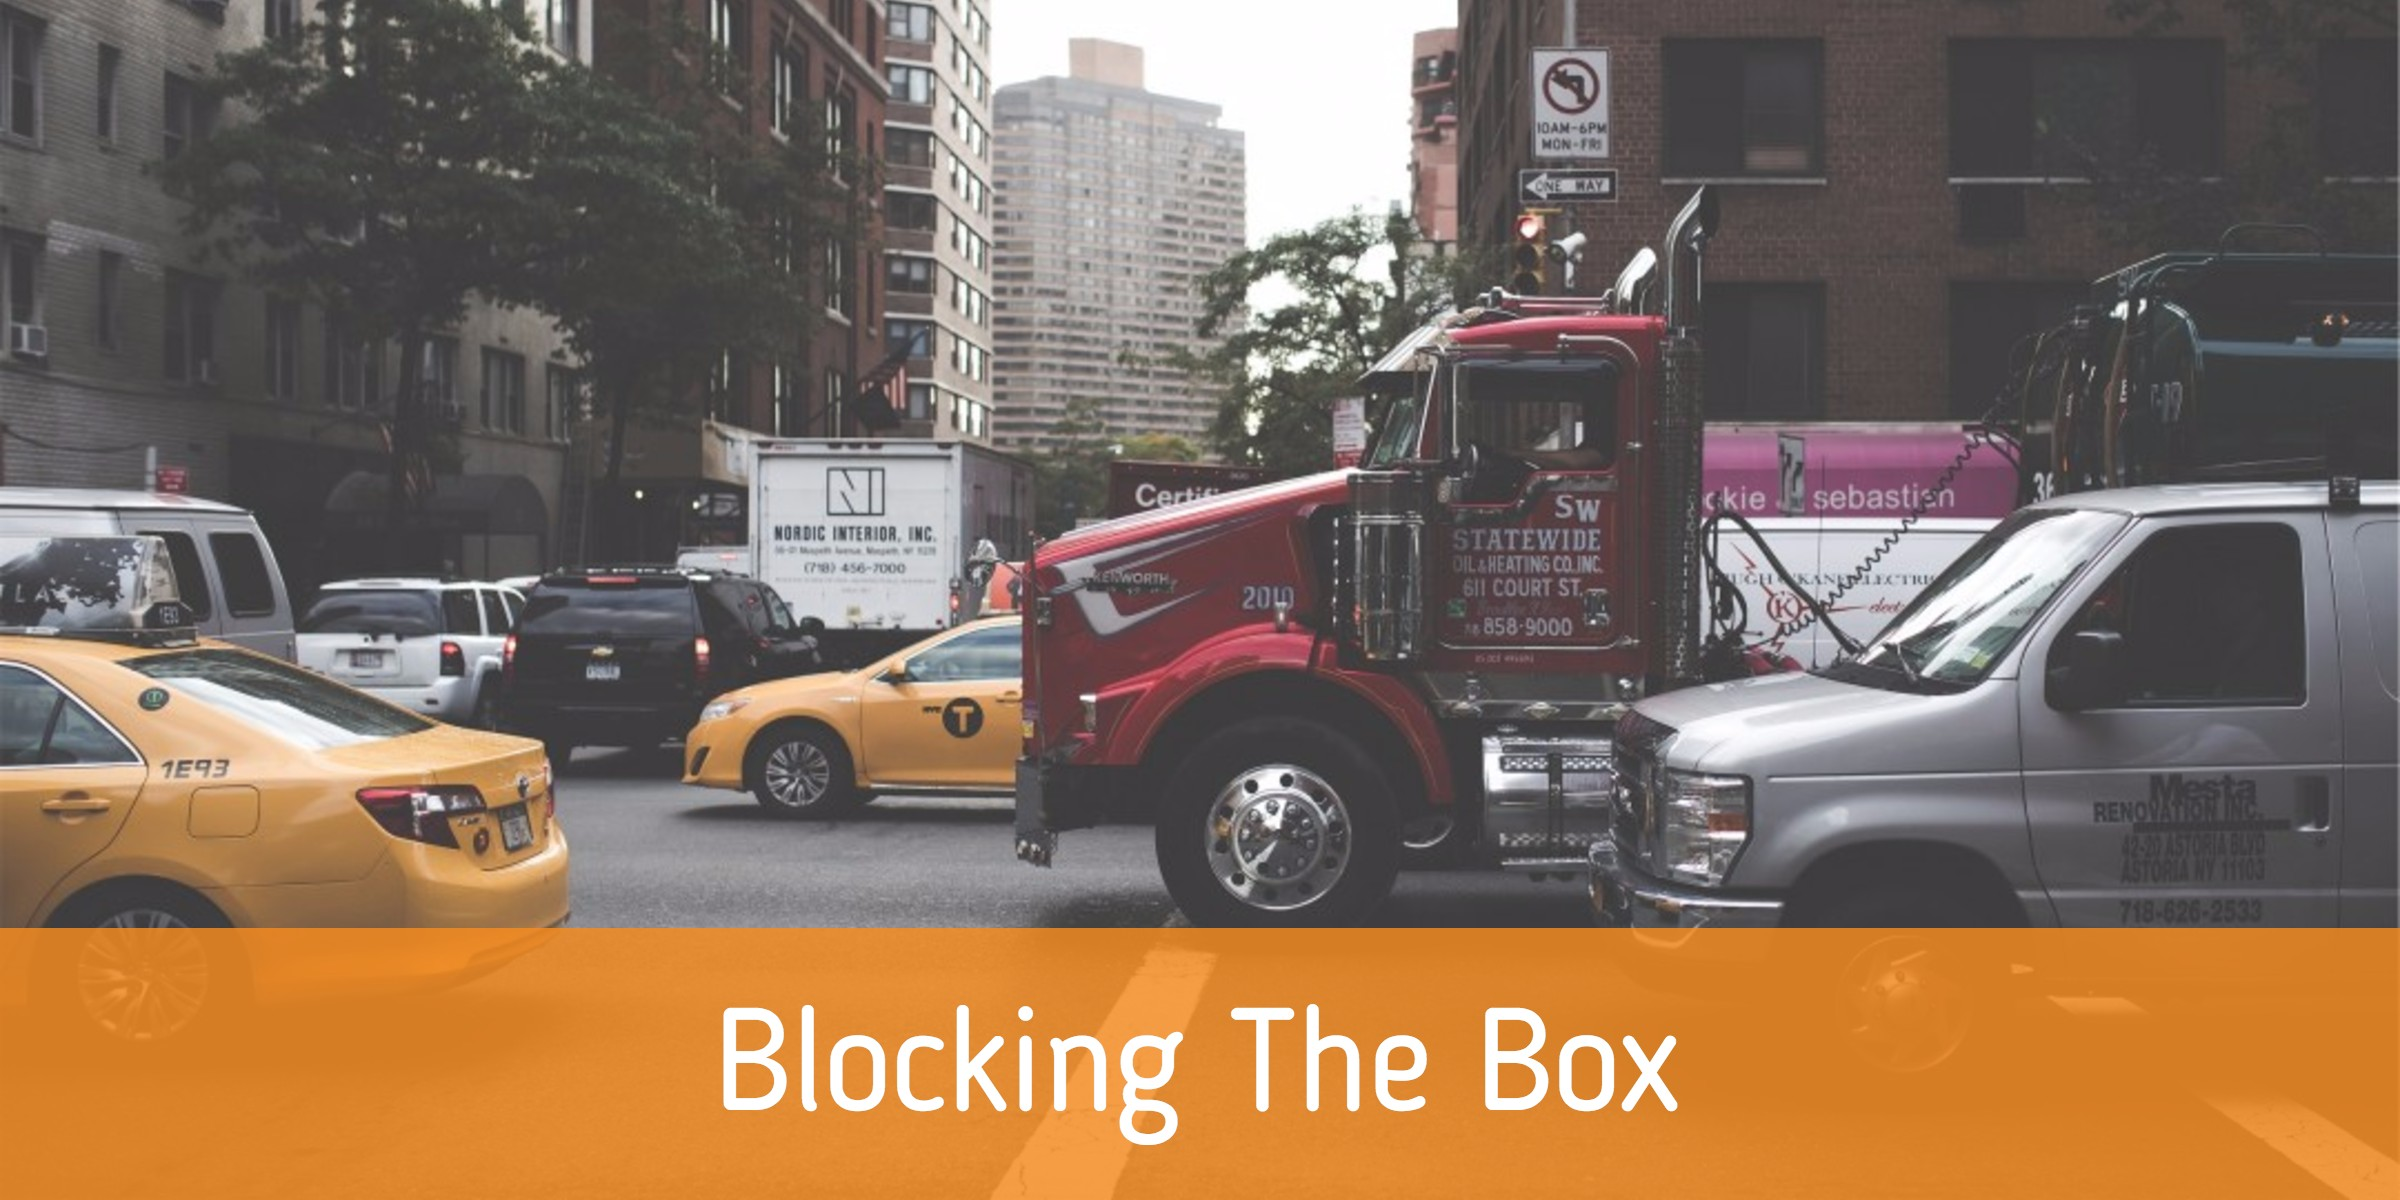 Blocking_the_box.jpg